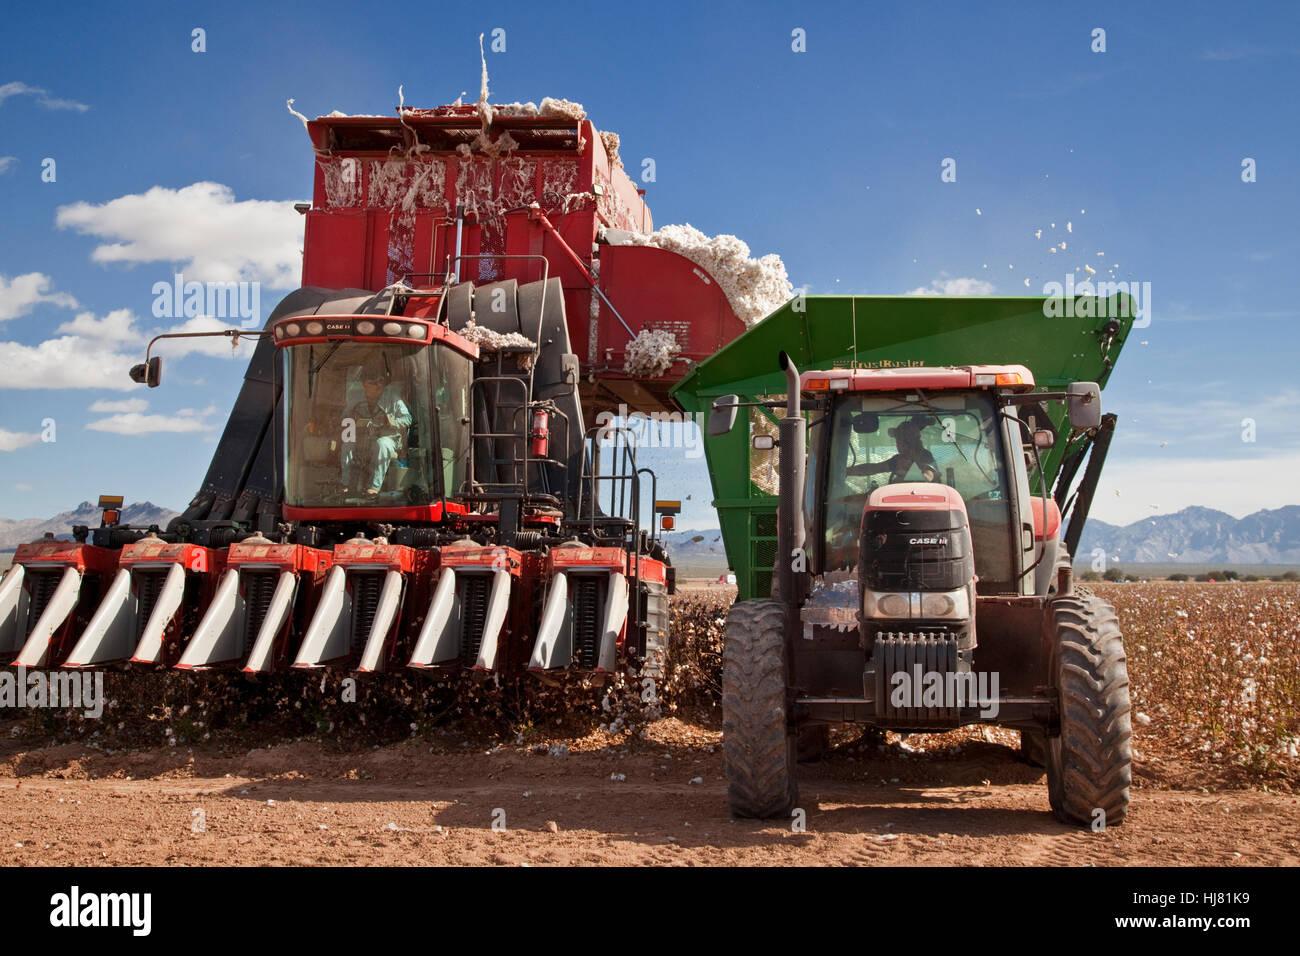 La récolte de la moissonneuse-batteuse de coton- Agriculture - Marana, Arizona Photo Stock